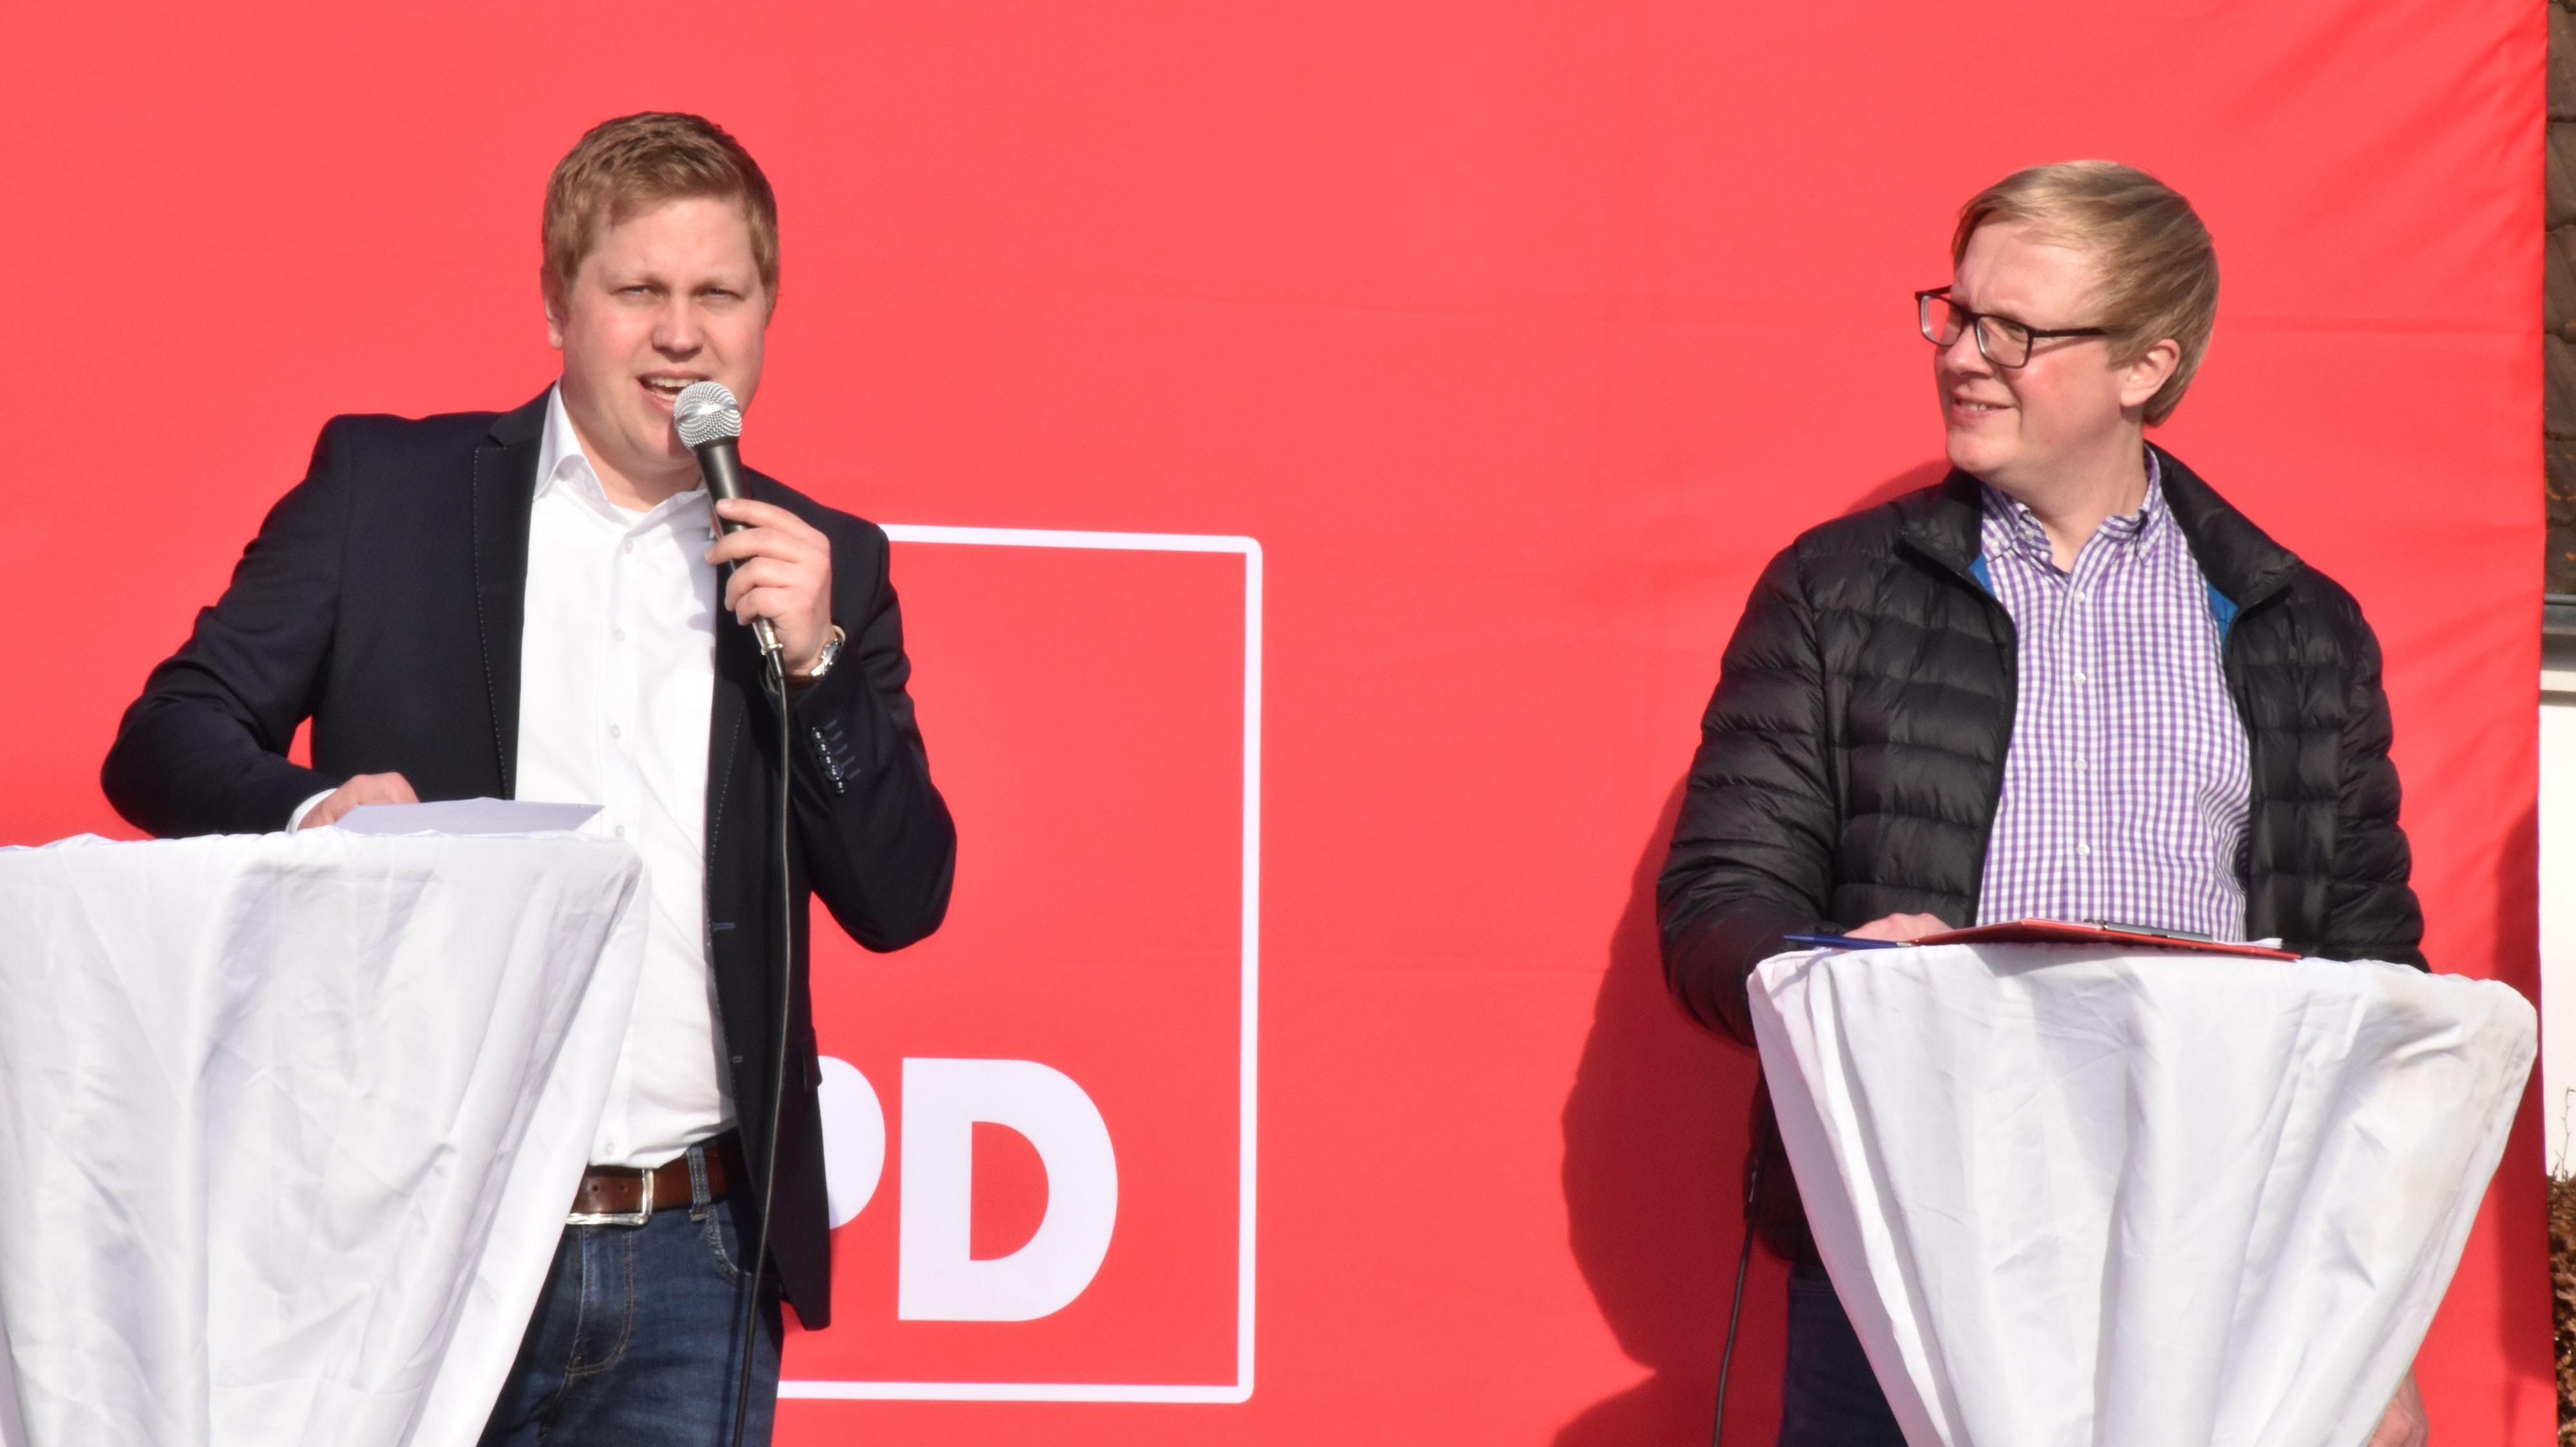 Bei der Mitgliederversammlung ist ein Fehler unterlaufen. Der Vorsitzende des SPD-Ortsvereins Vechta, Alexander Bartz (rechts), und Sam Schaffhausen, Fraktionschef im Stadtrat, müssen nun erneut das Gespräch mit den Kandidaten suchen. Foto: Berg